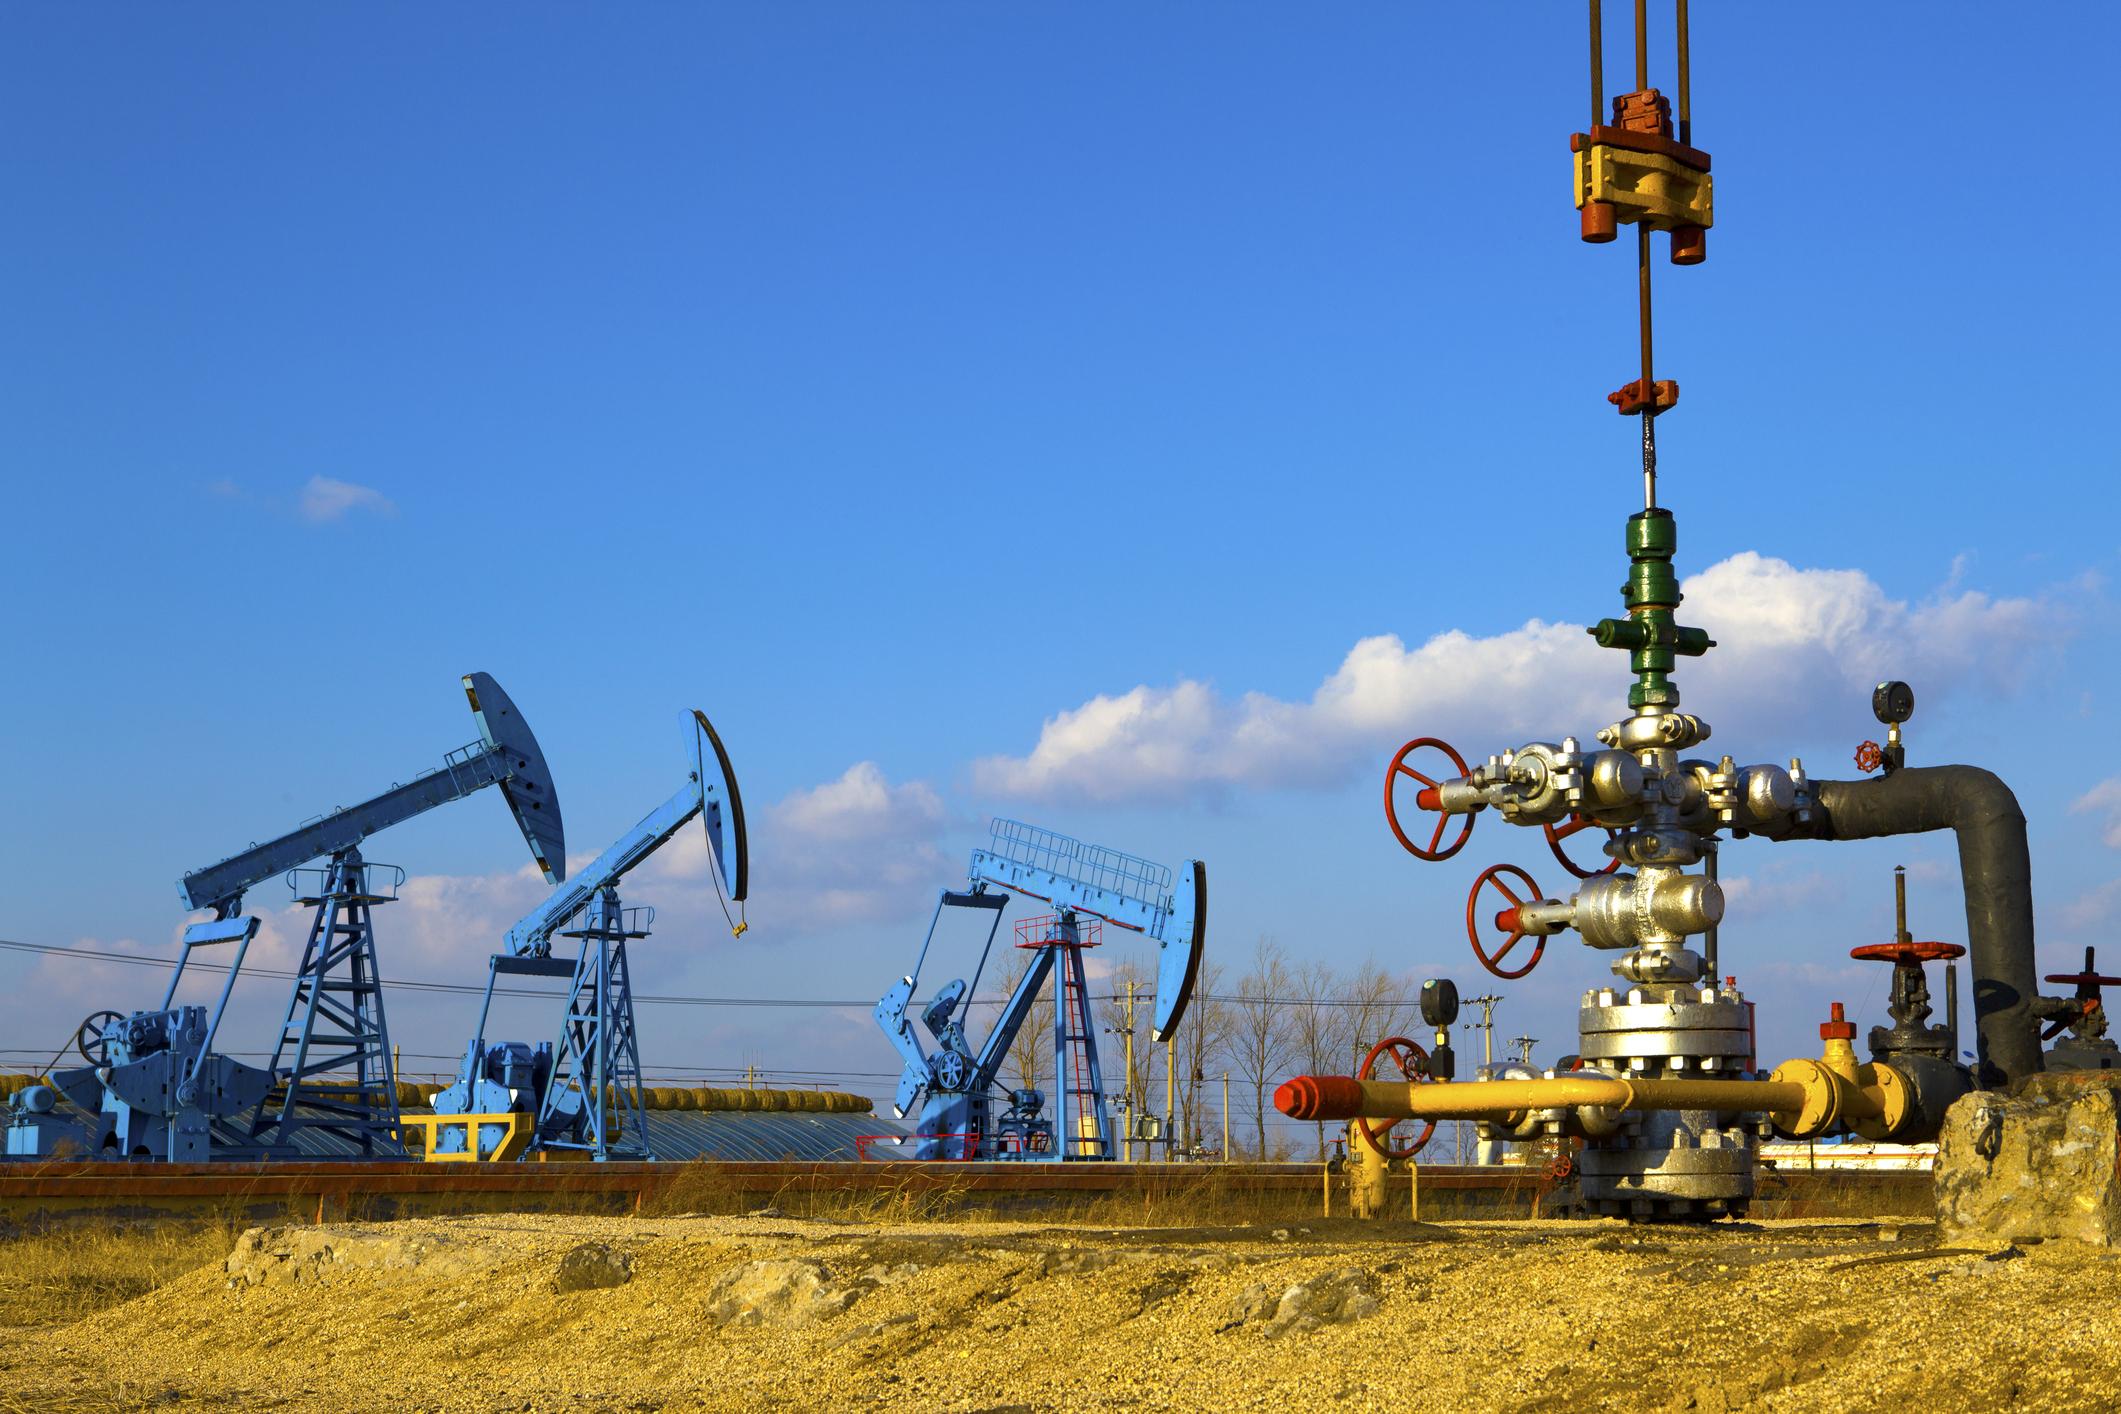 Three blue oil pumps.